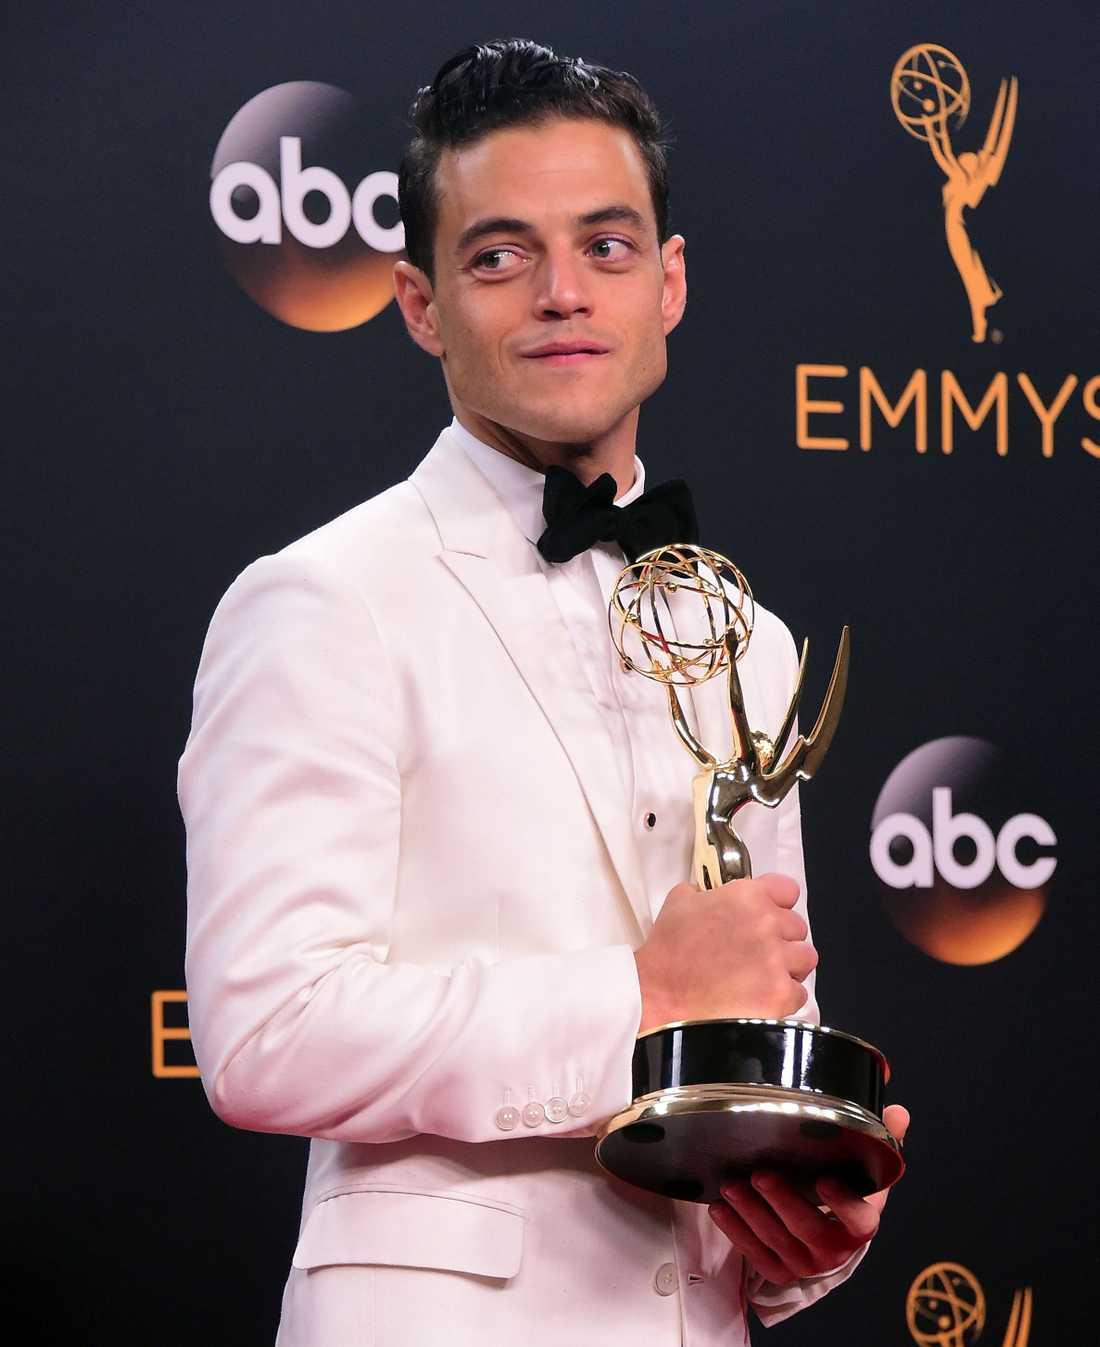 Rami Malek med den eftertraktade Emmy-statyetten.